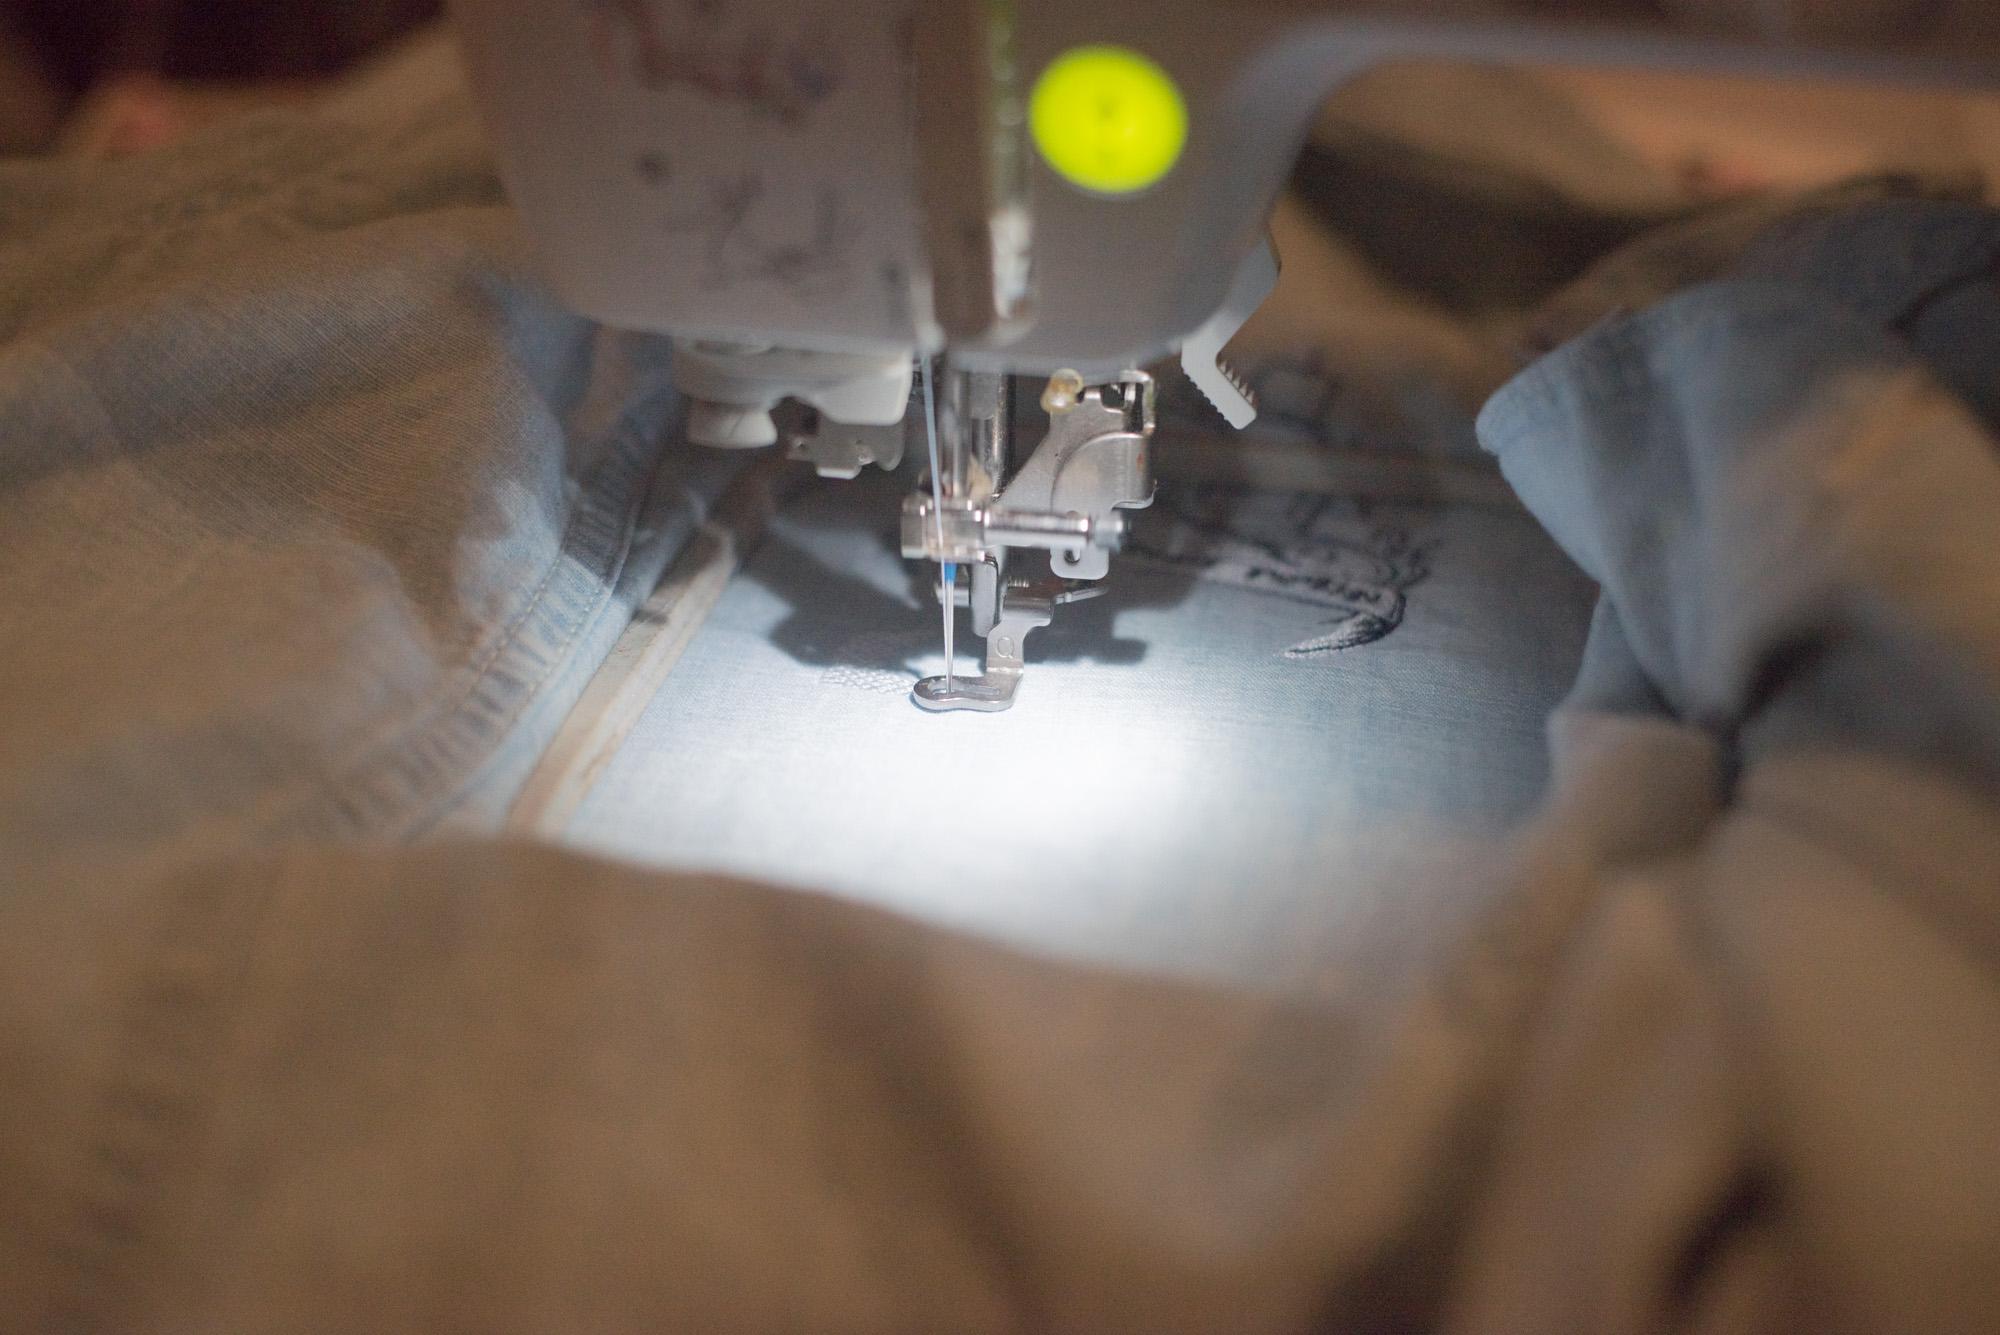 machine embroider jean jacket